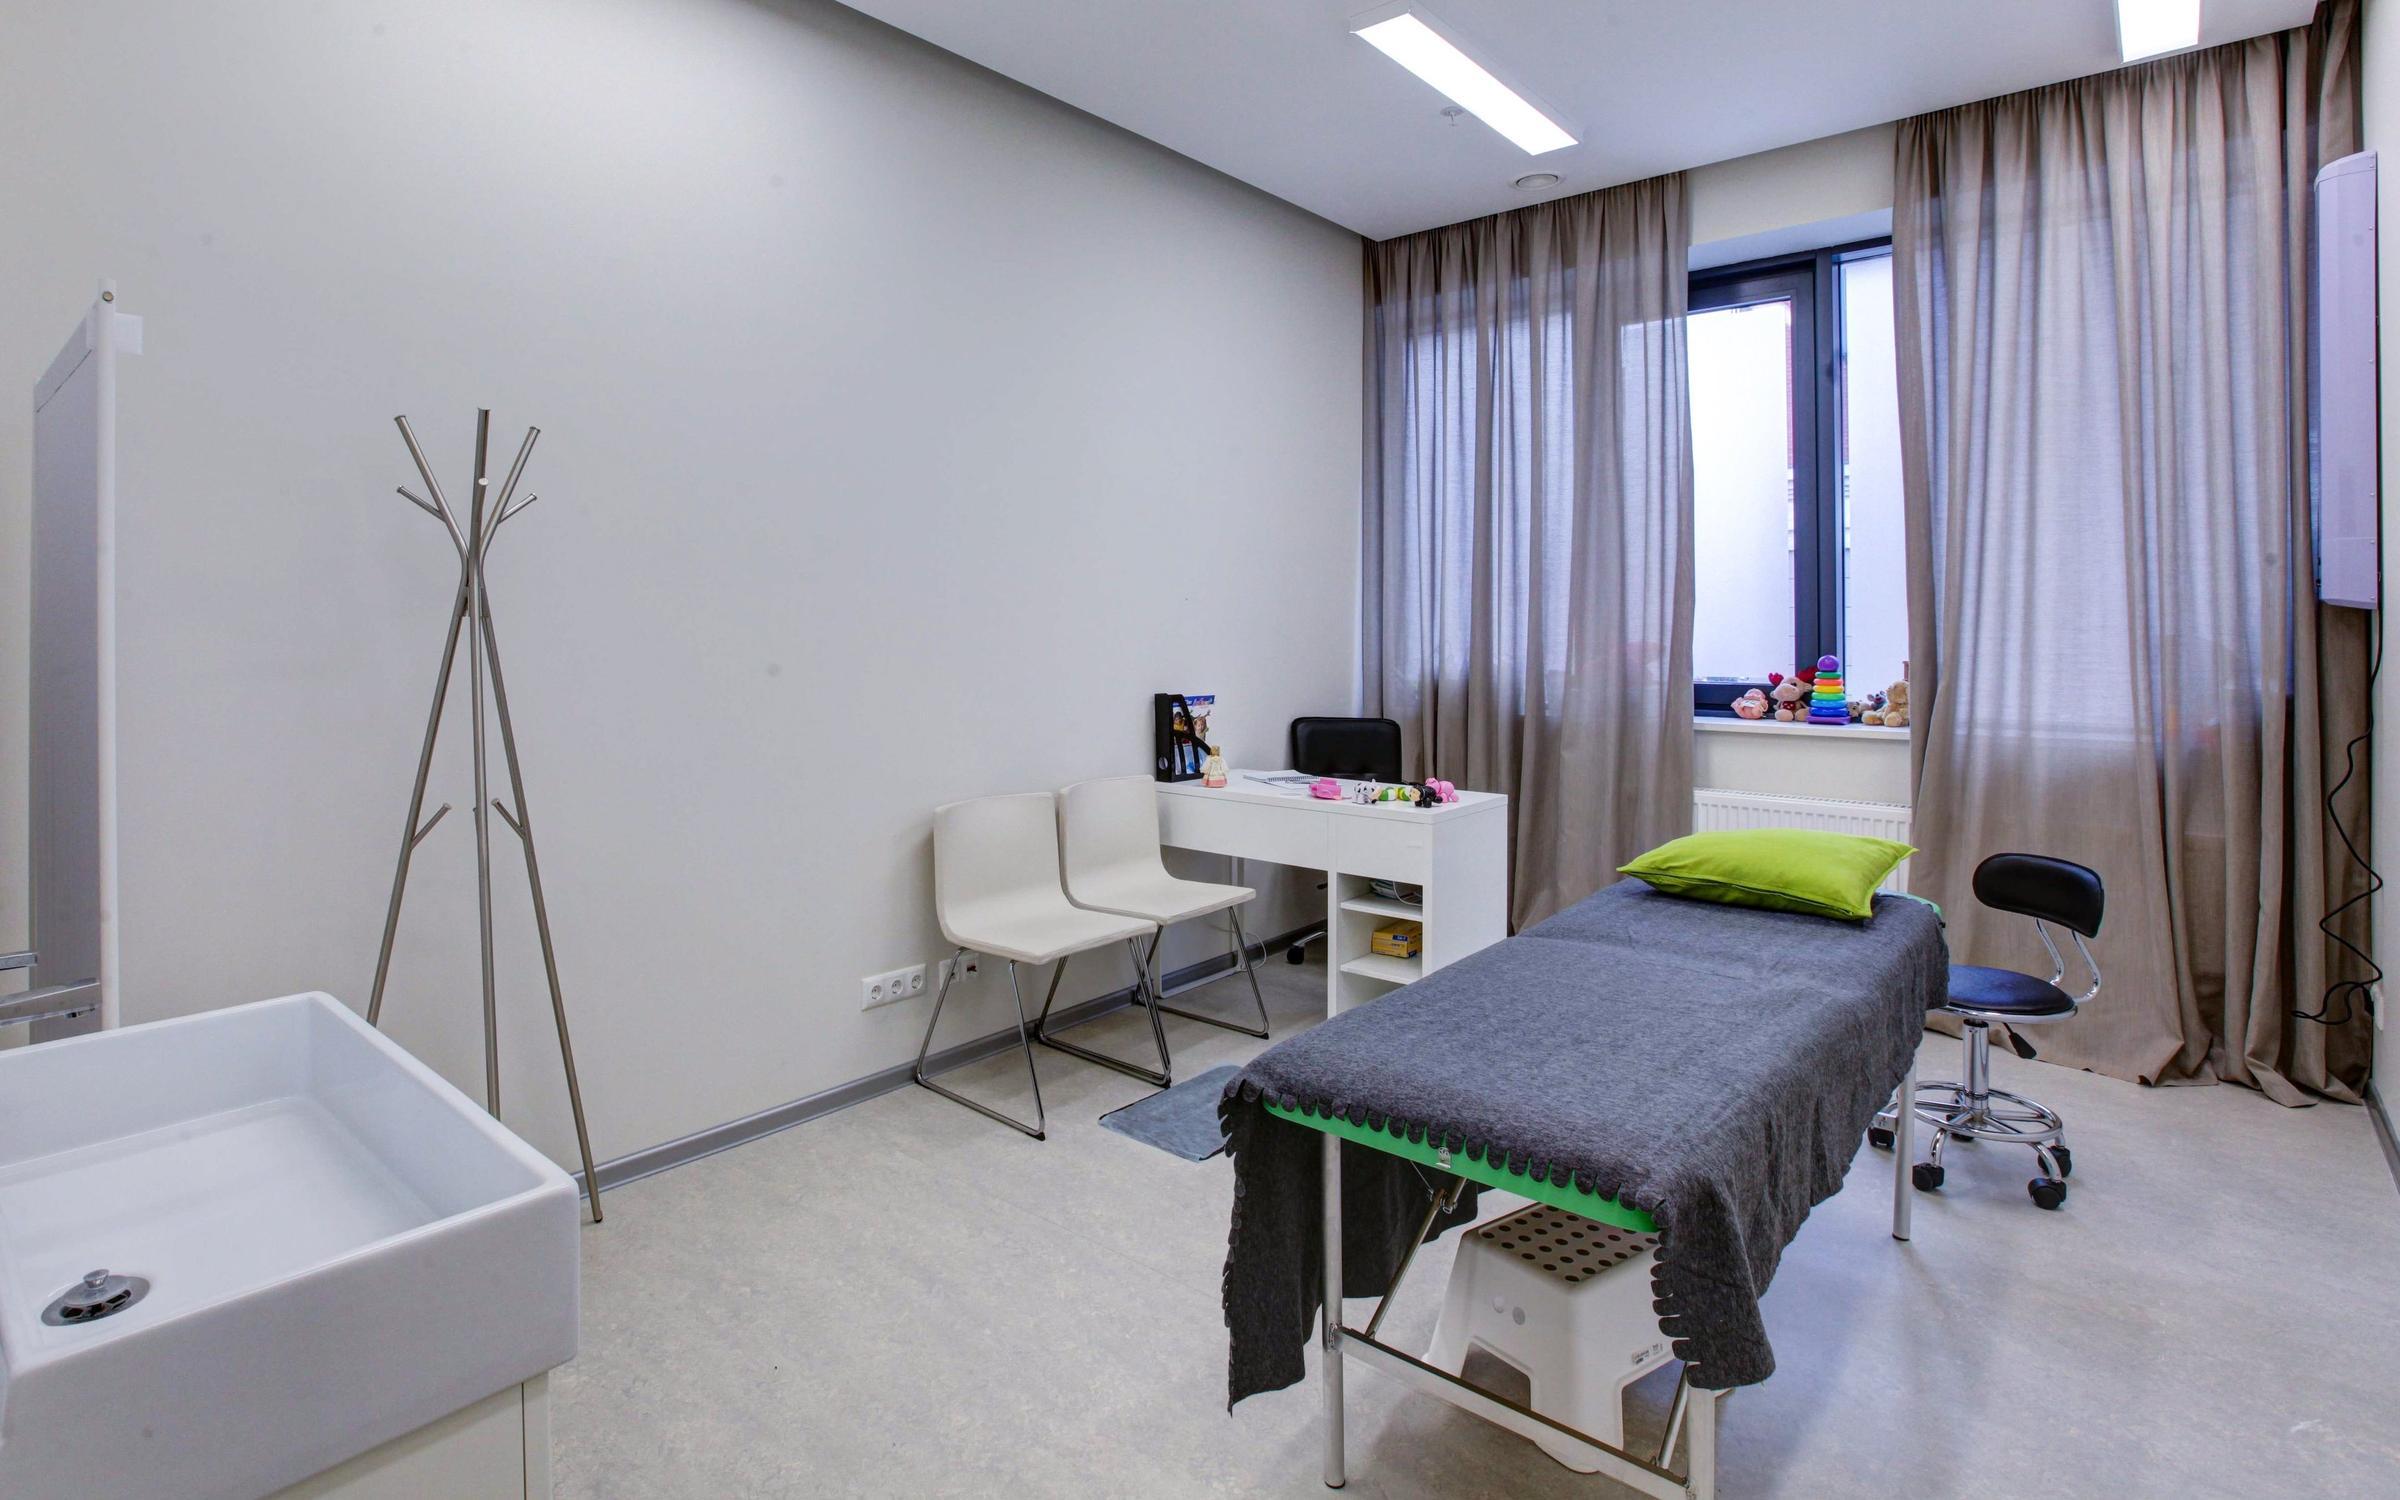 Медицинский центр бест клиник м красносельская отзывы